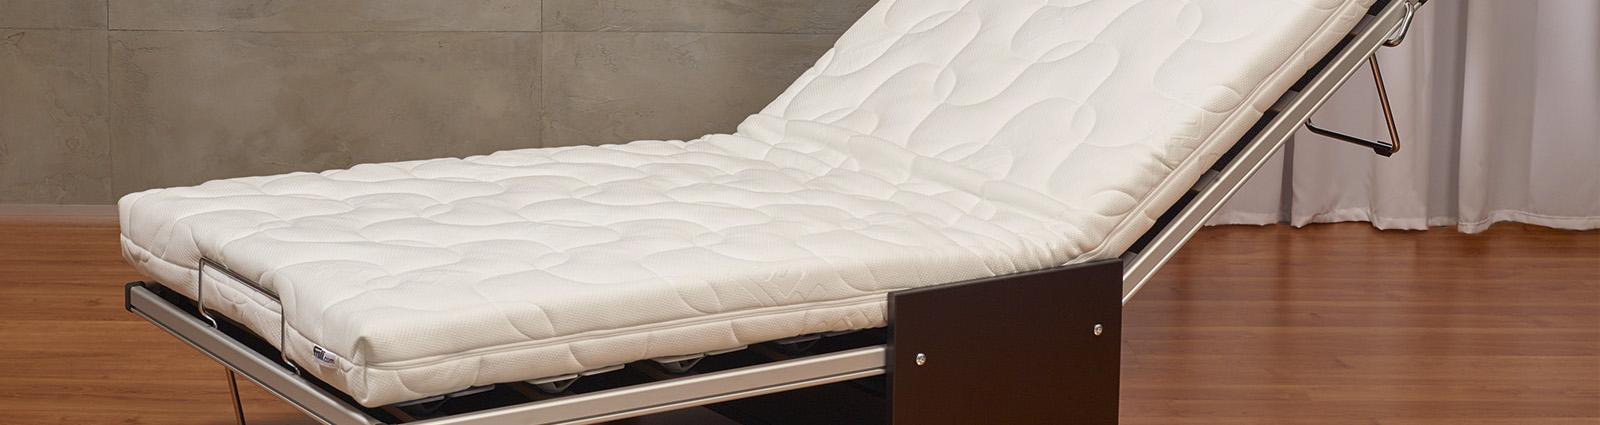 literie d 39 appoint bz et convertibles pour h tellerie equipements pour h tel. Black Bedroom Furniture Sets. Home Design Ideas